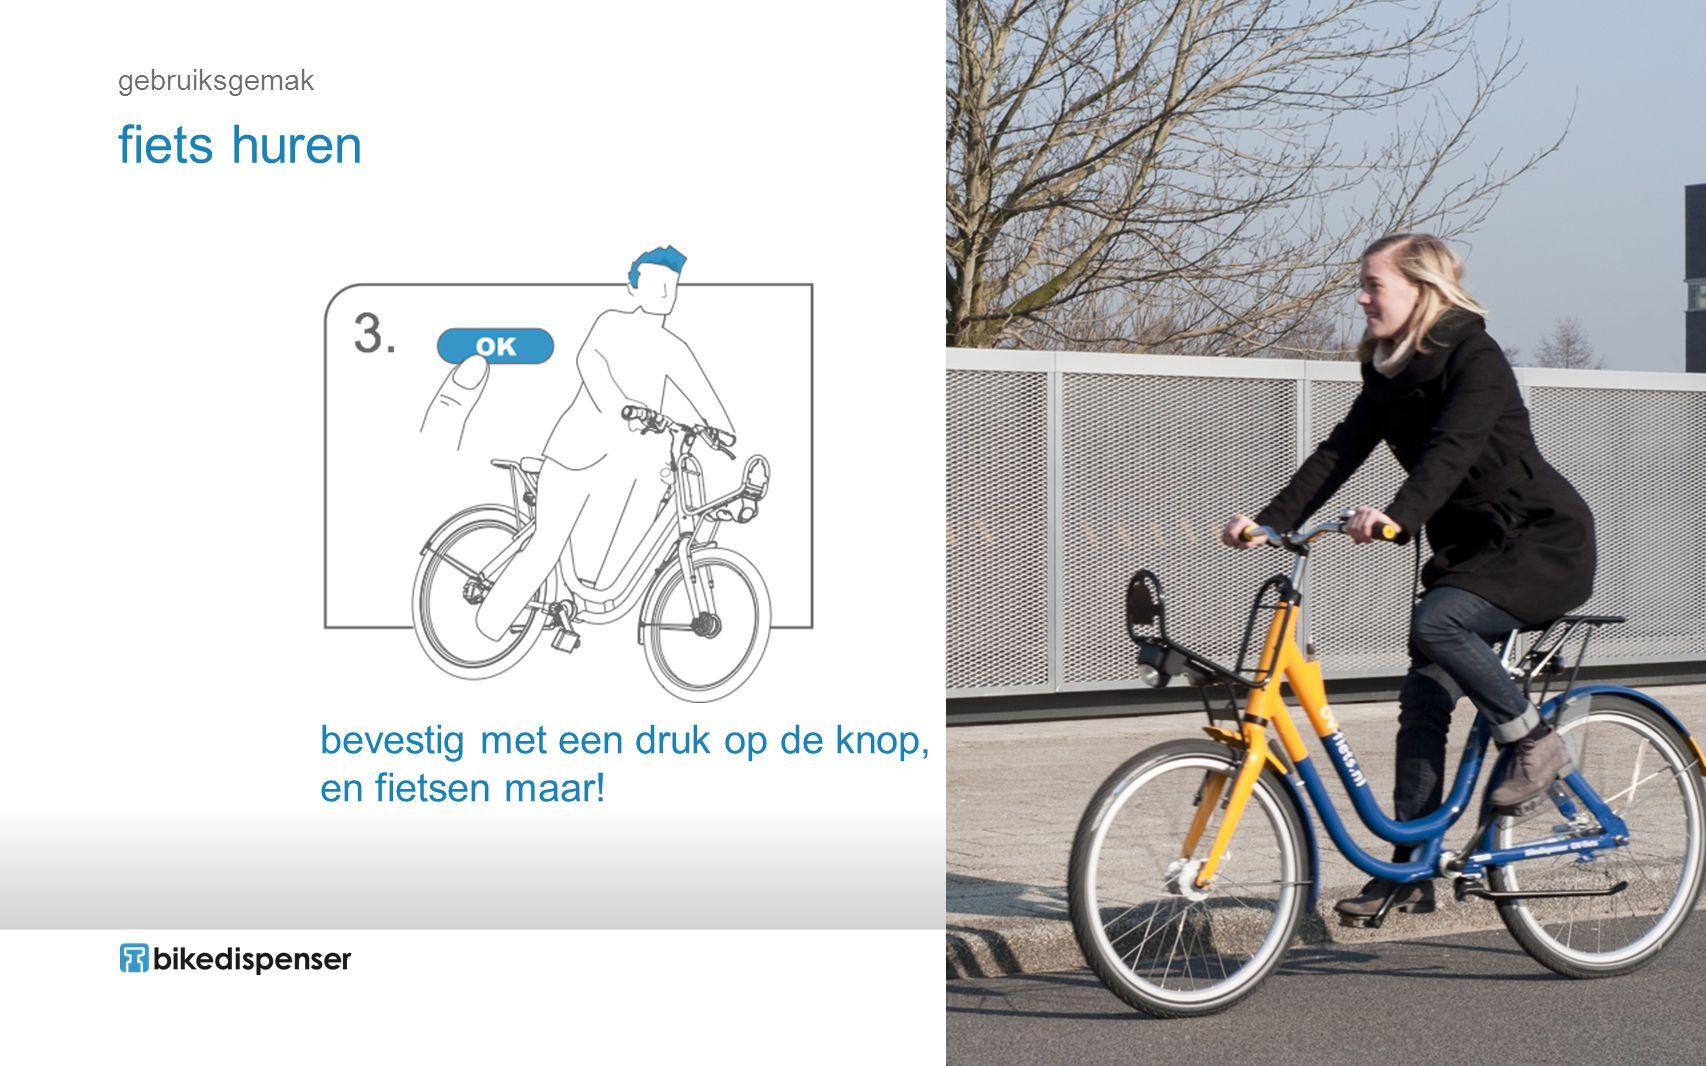 fiets huren bevestig met een druk op de knop, en fietsen maar!